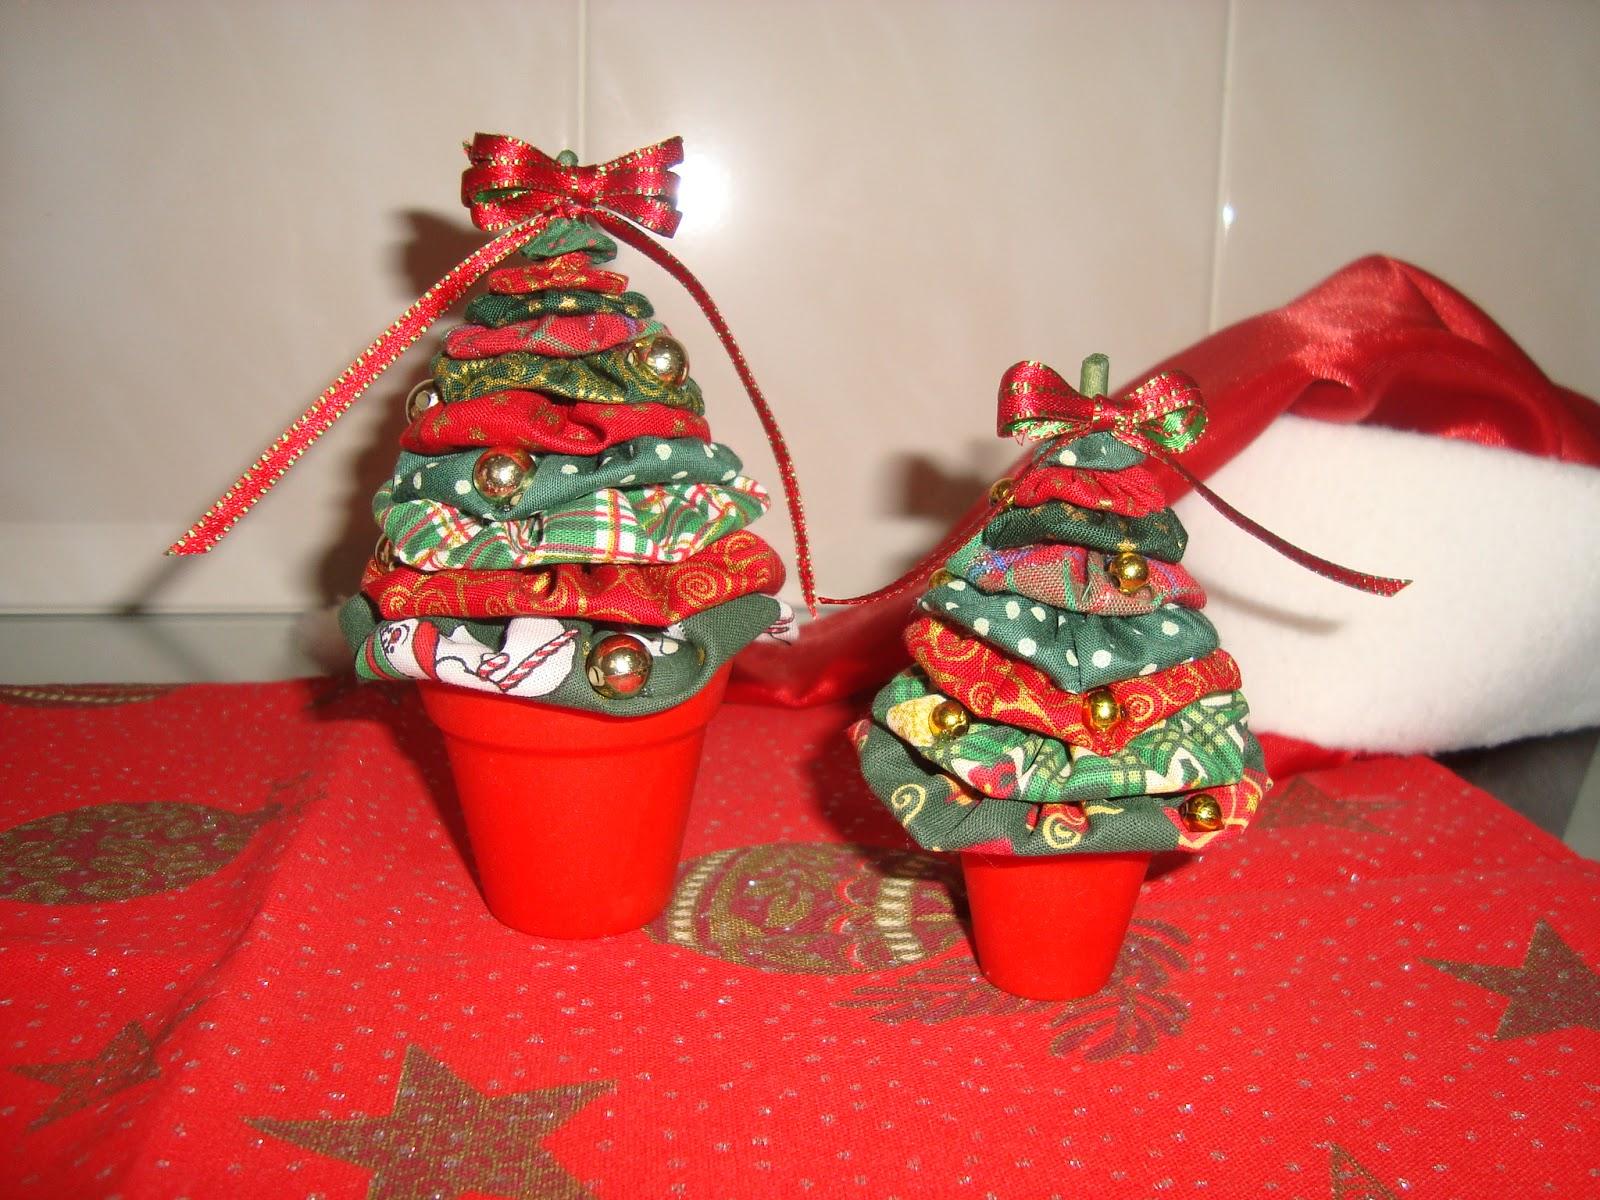 #B21A19 Arte Customizada by Priscila Kato: Árvore de Natal de fuxico 1600x1200 px enfeitando a escrivaninha @ bernauer.info Móveis Antigos Novos E Usados Online